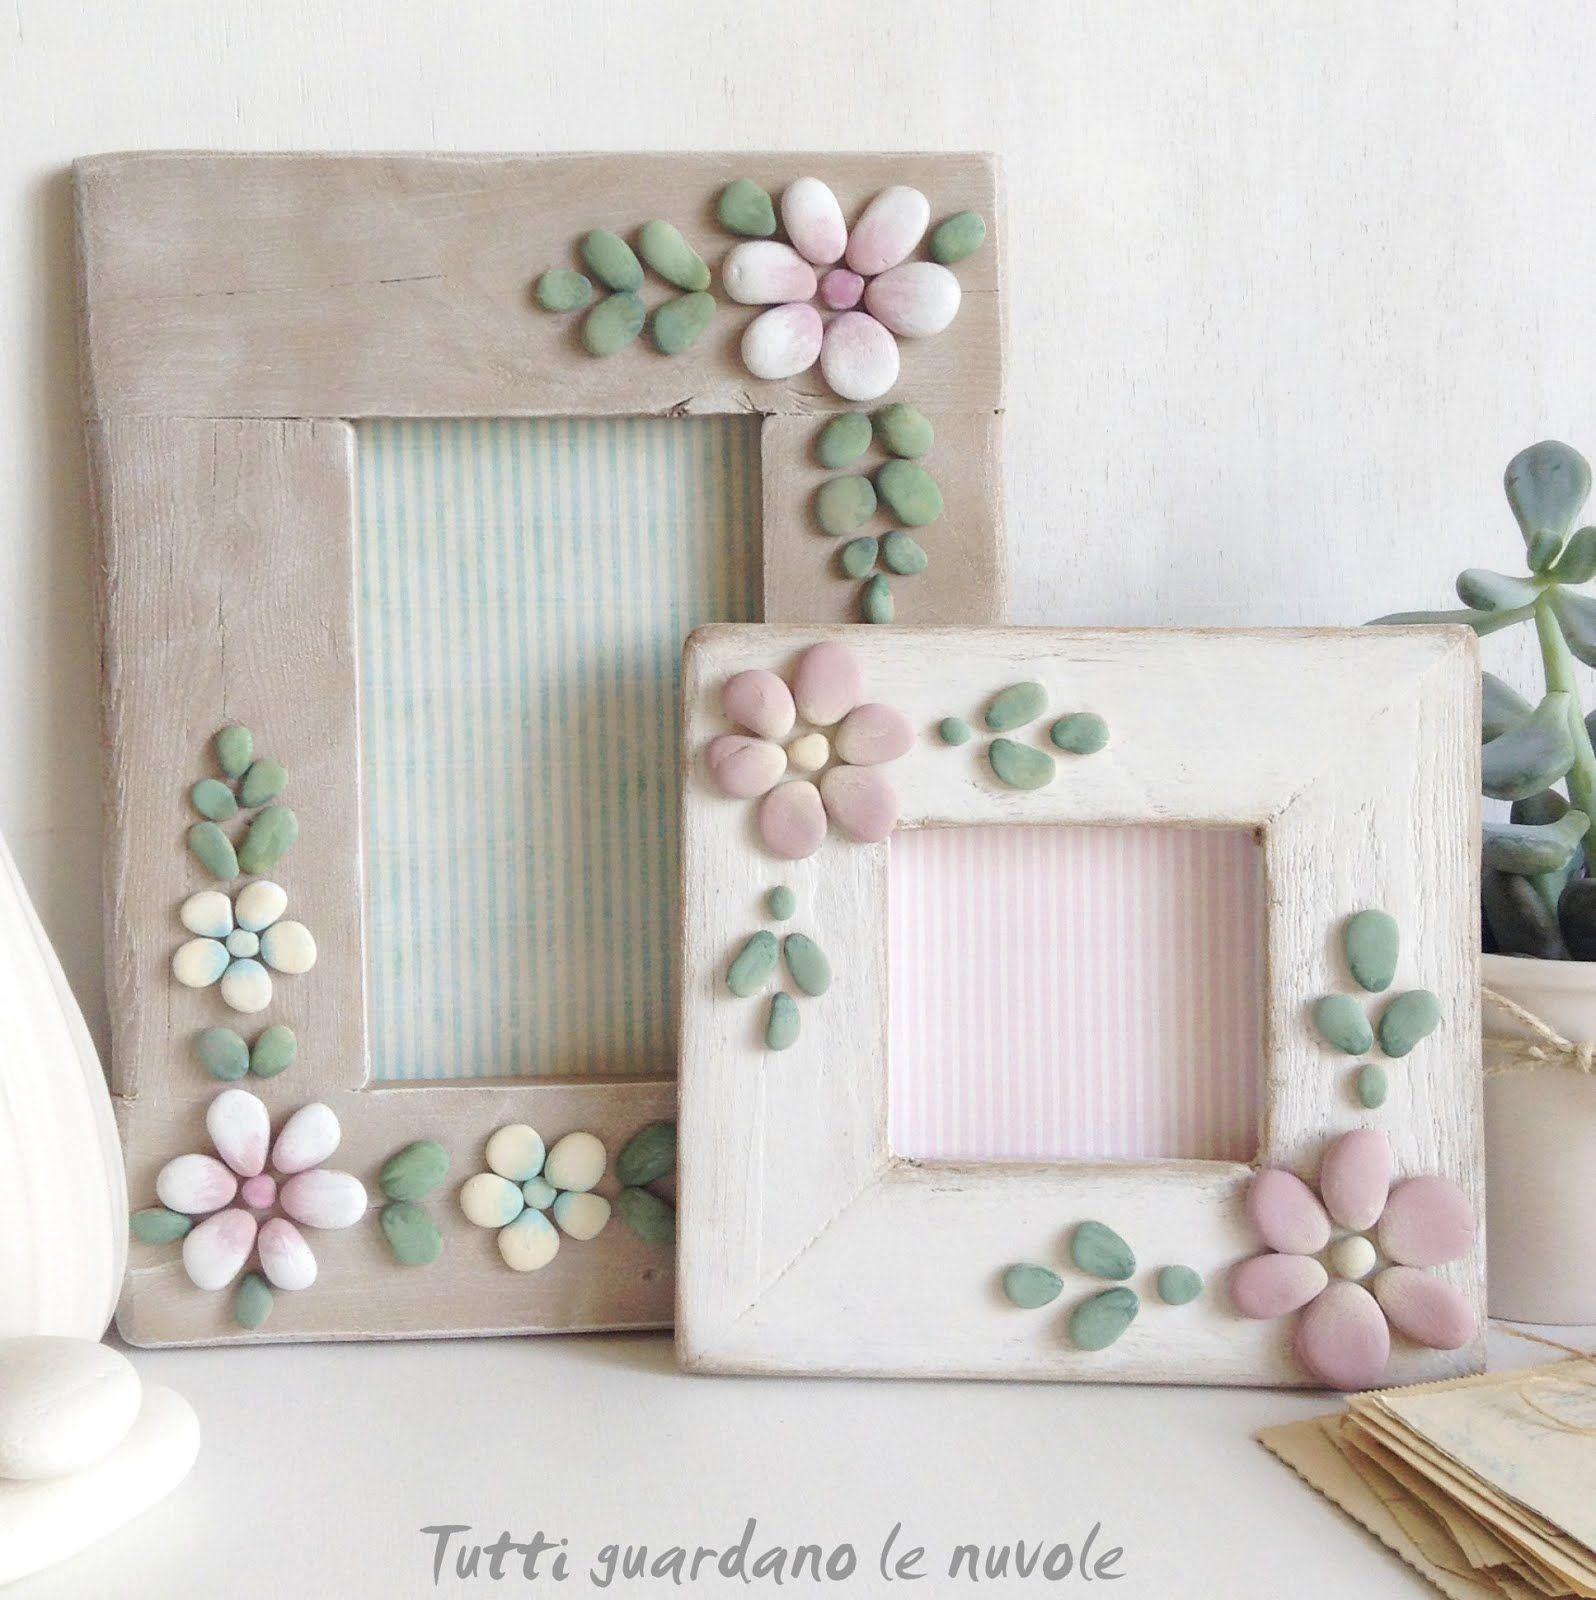 Cornici portafoto in legno di riciclo handmade decorate con sassi dipinti a mano. Tutorial